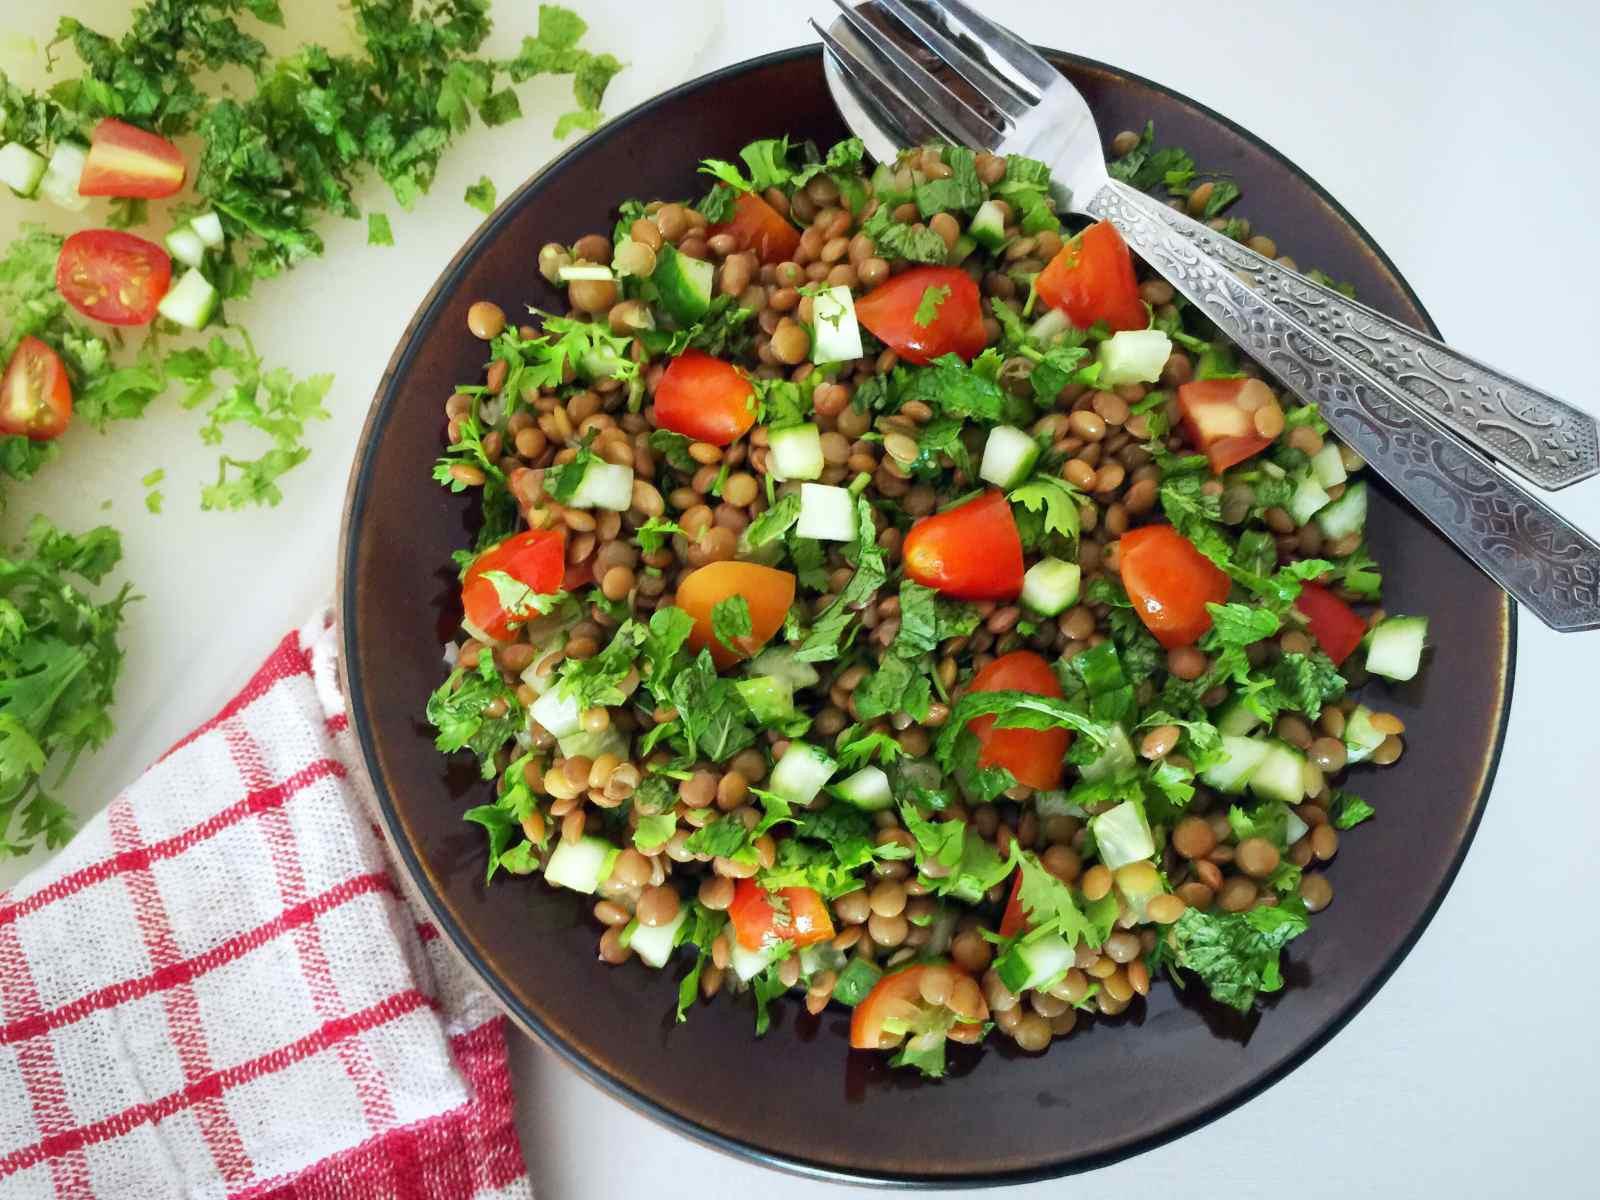 Middle Eastern Recipes Vegetarian  Lentil Tabbouleh Recipe Middle Eastern Ve arian Salad